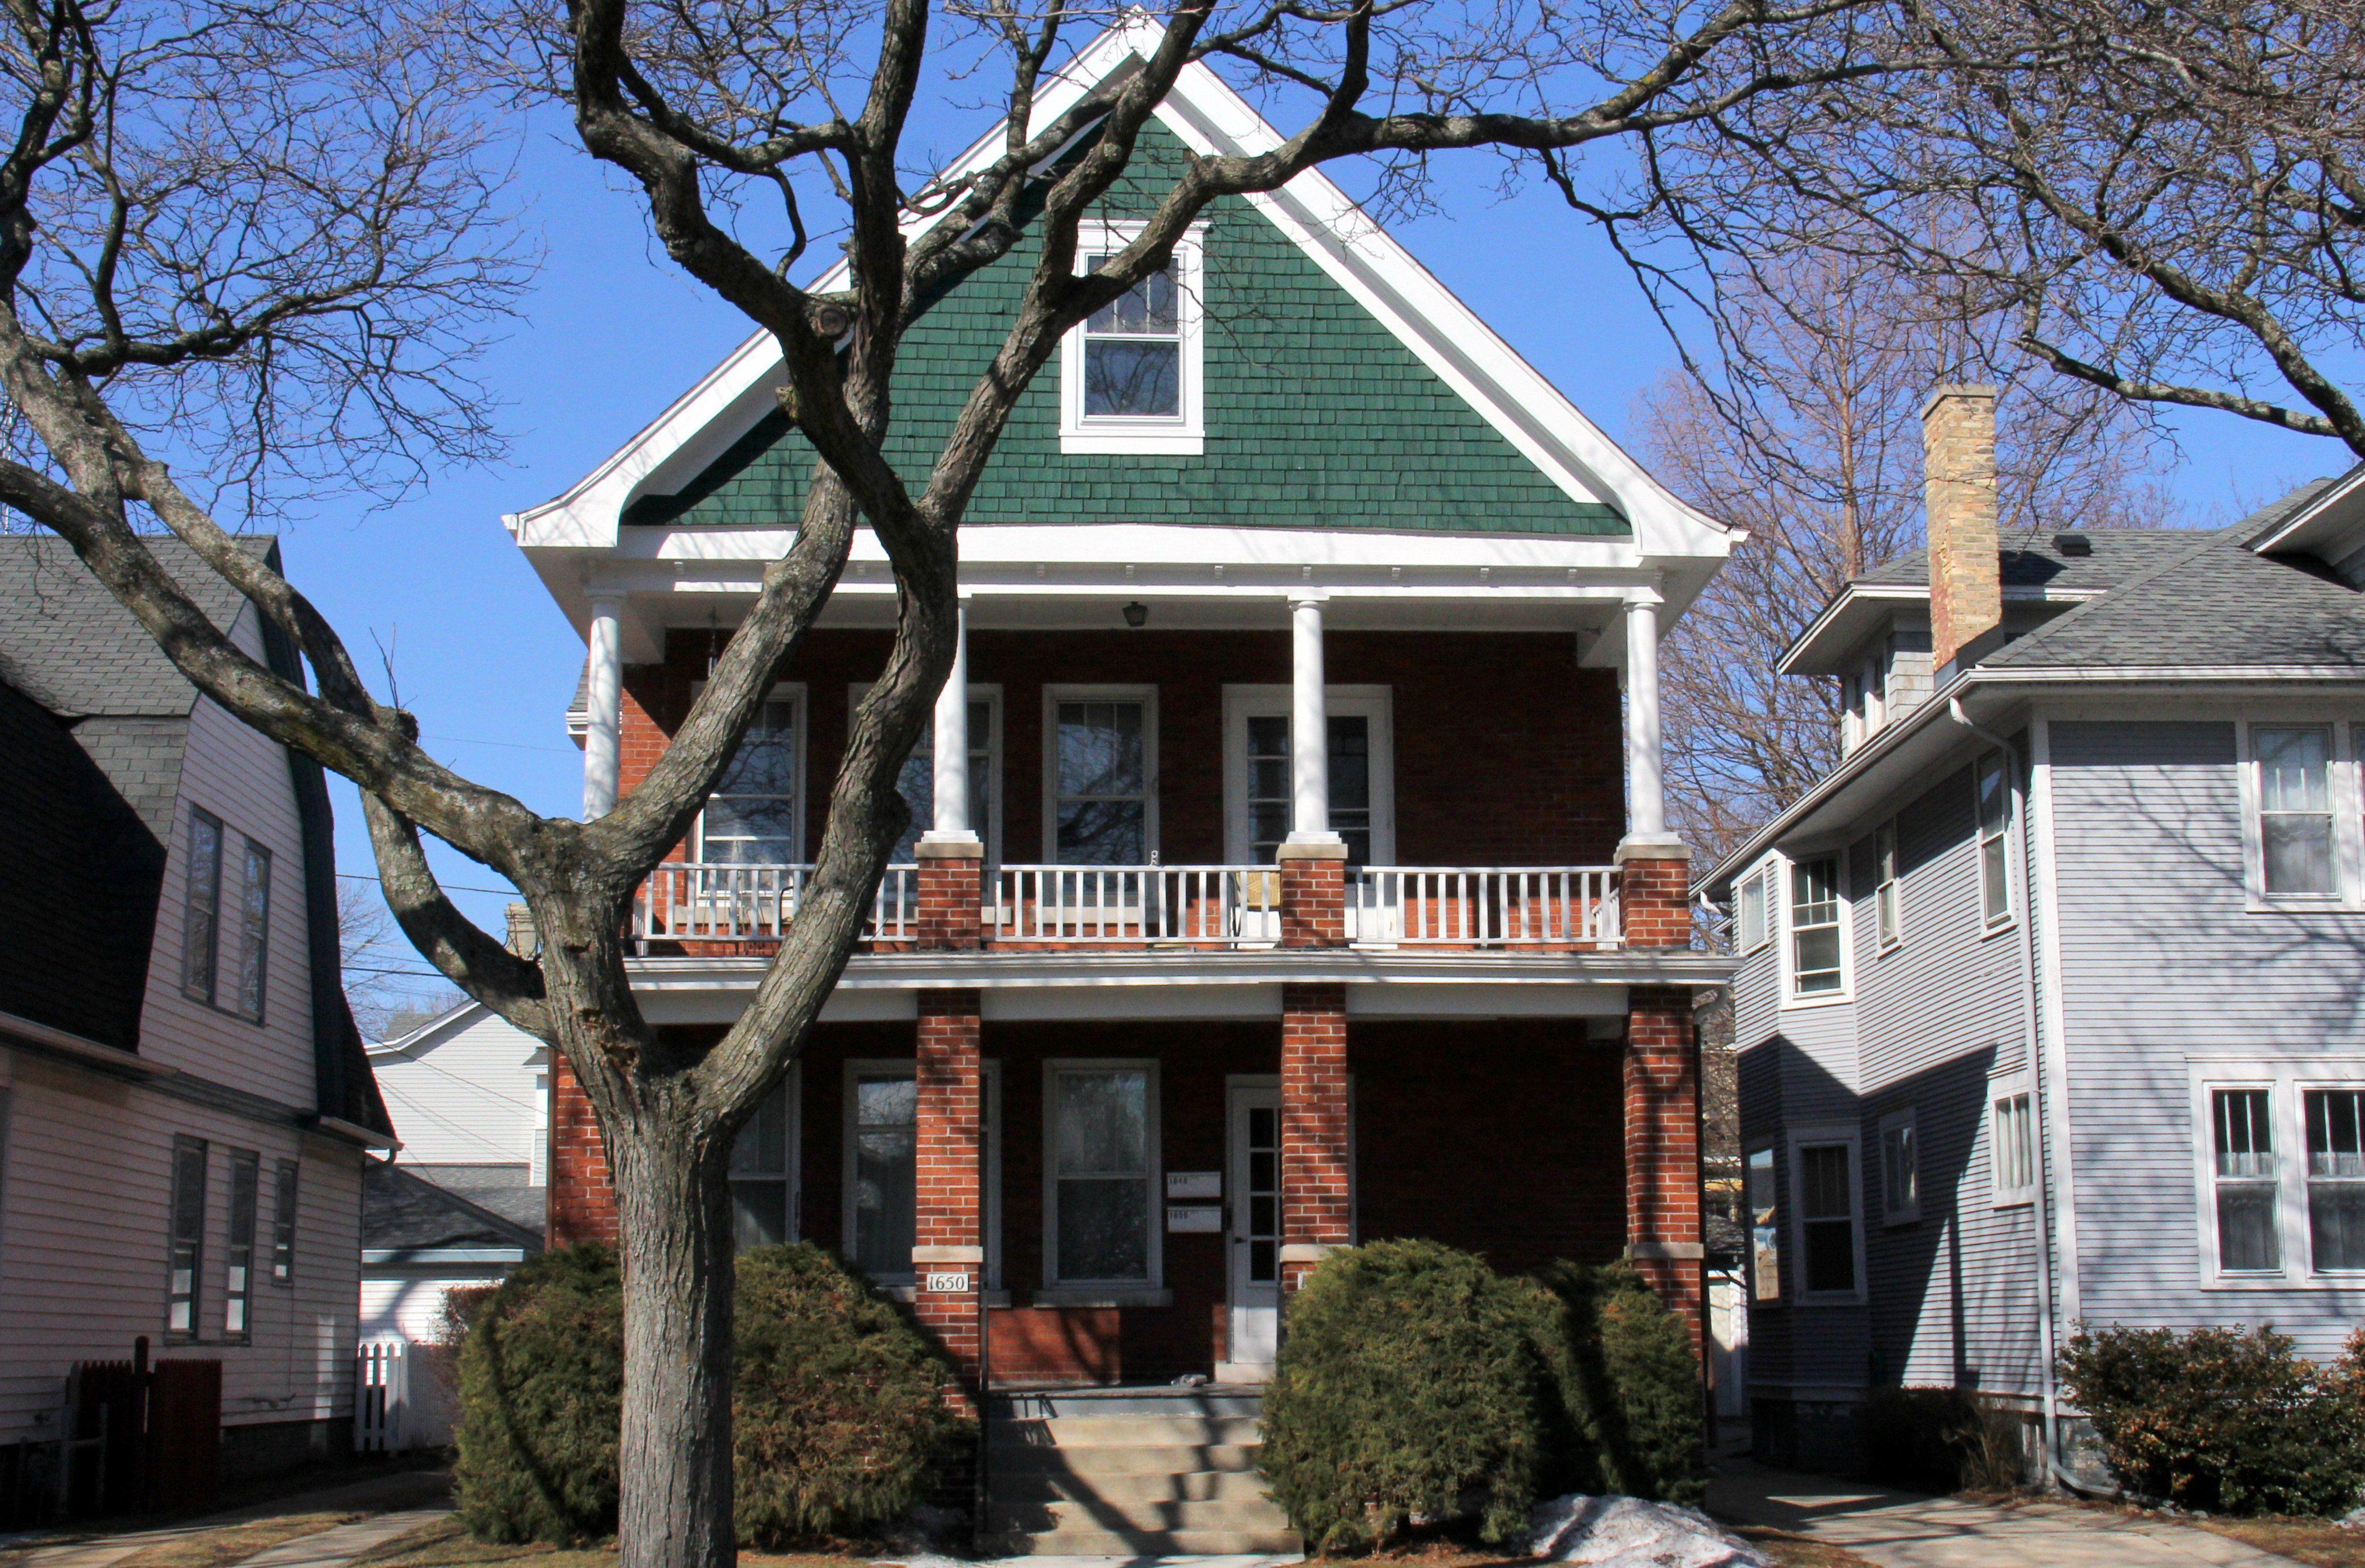 Qué Los colores combinan con el ladrillo: un gablete verde contrasta con los porches de ladrillo rojo de esta casa de dos familias.